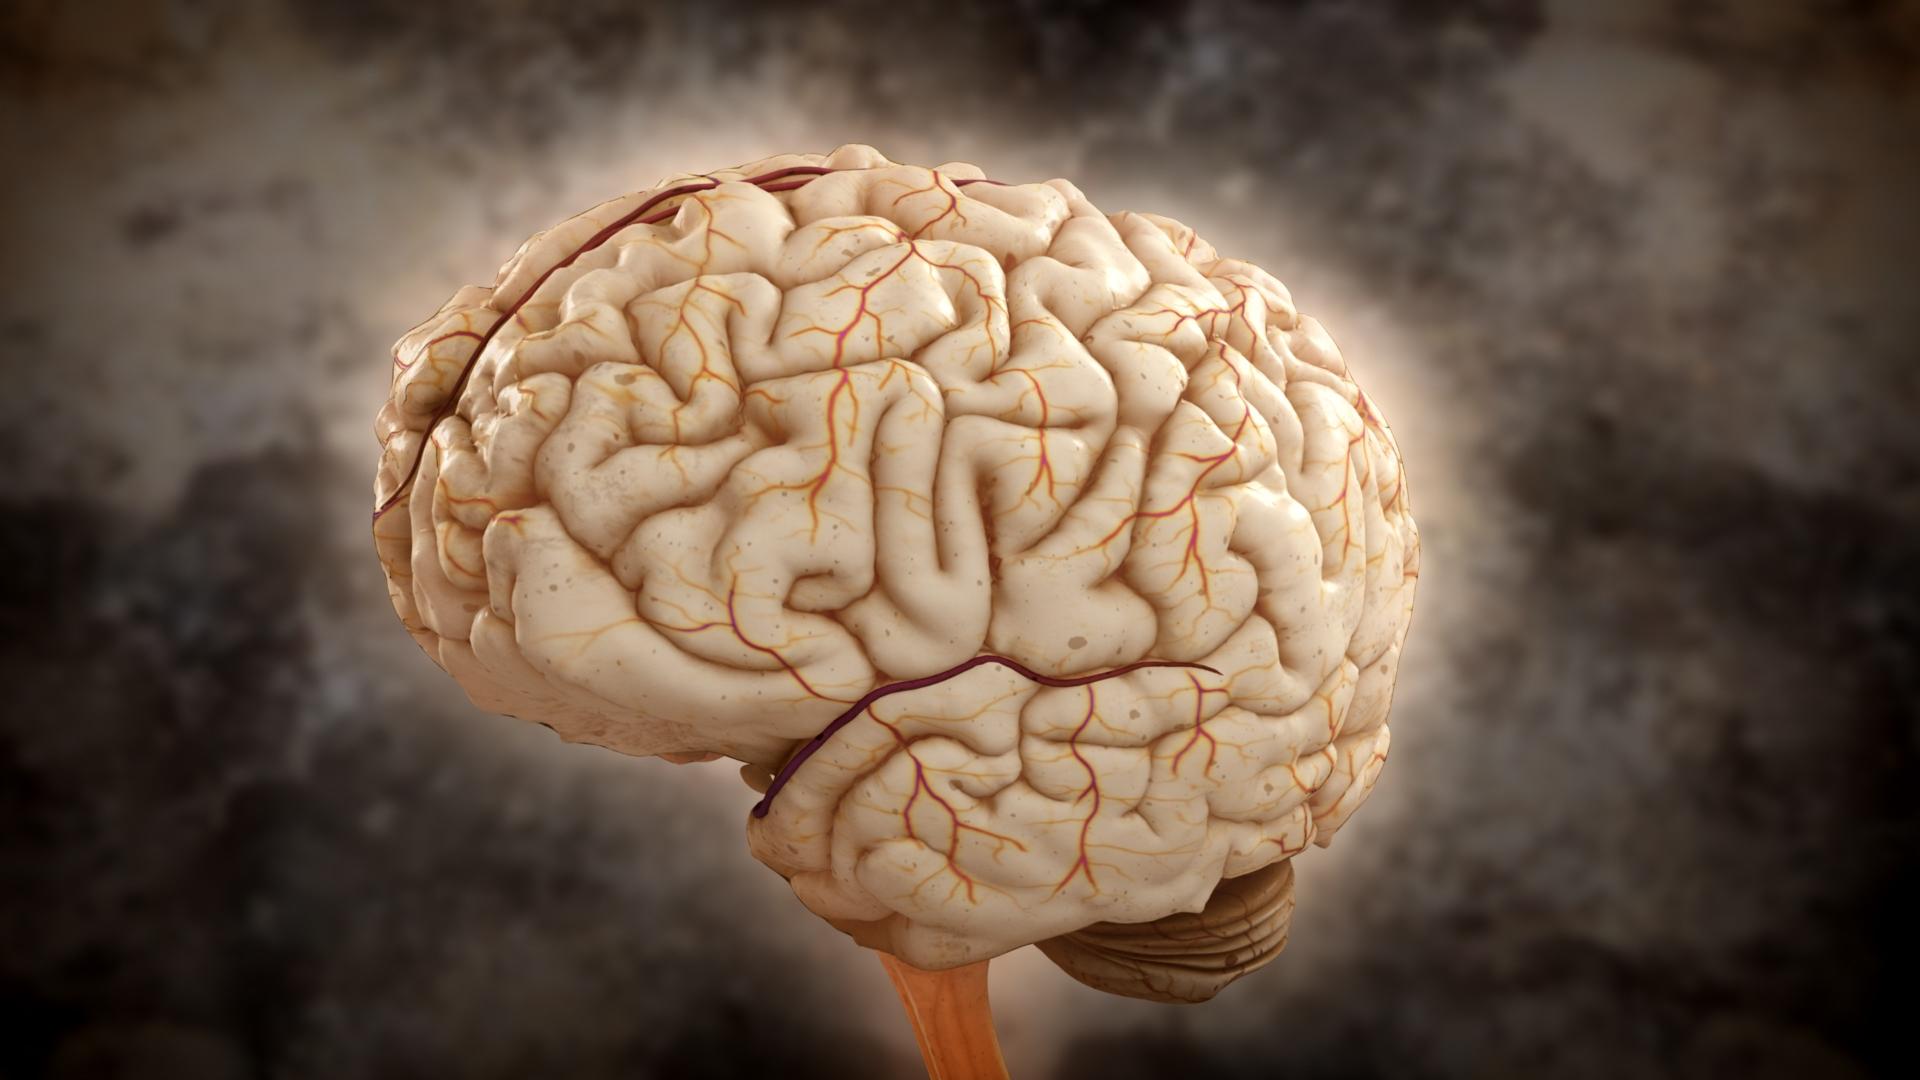 Los genes basura regeneran el cerebro